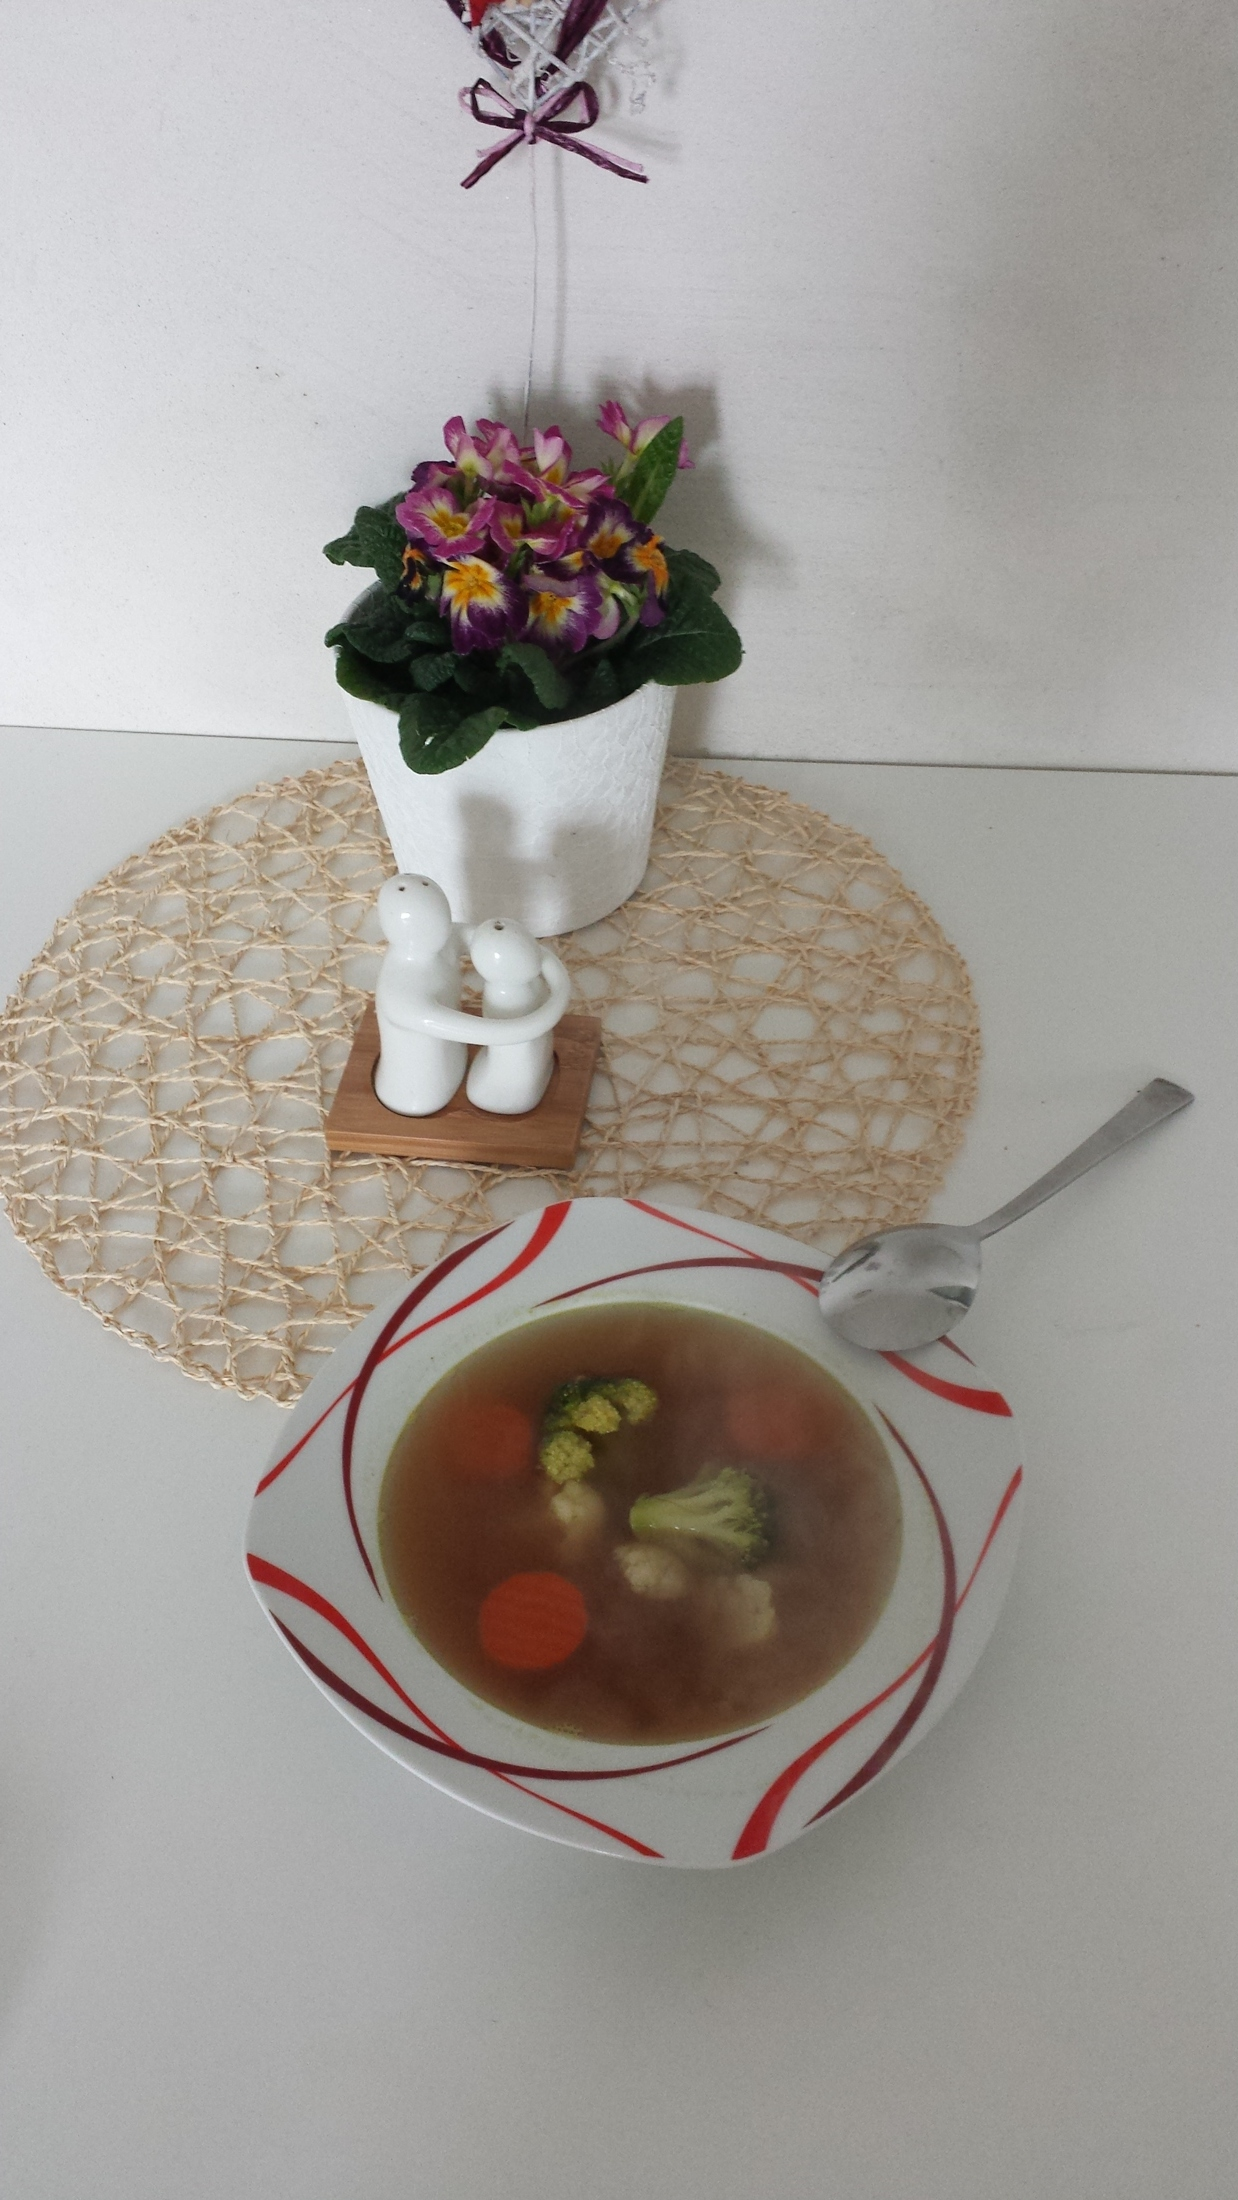 Jednoduchá zeleninovo-luštěninová polévka